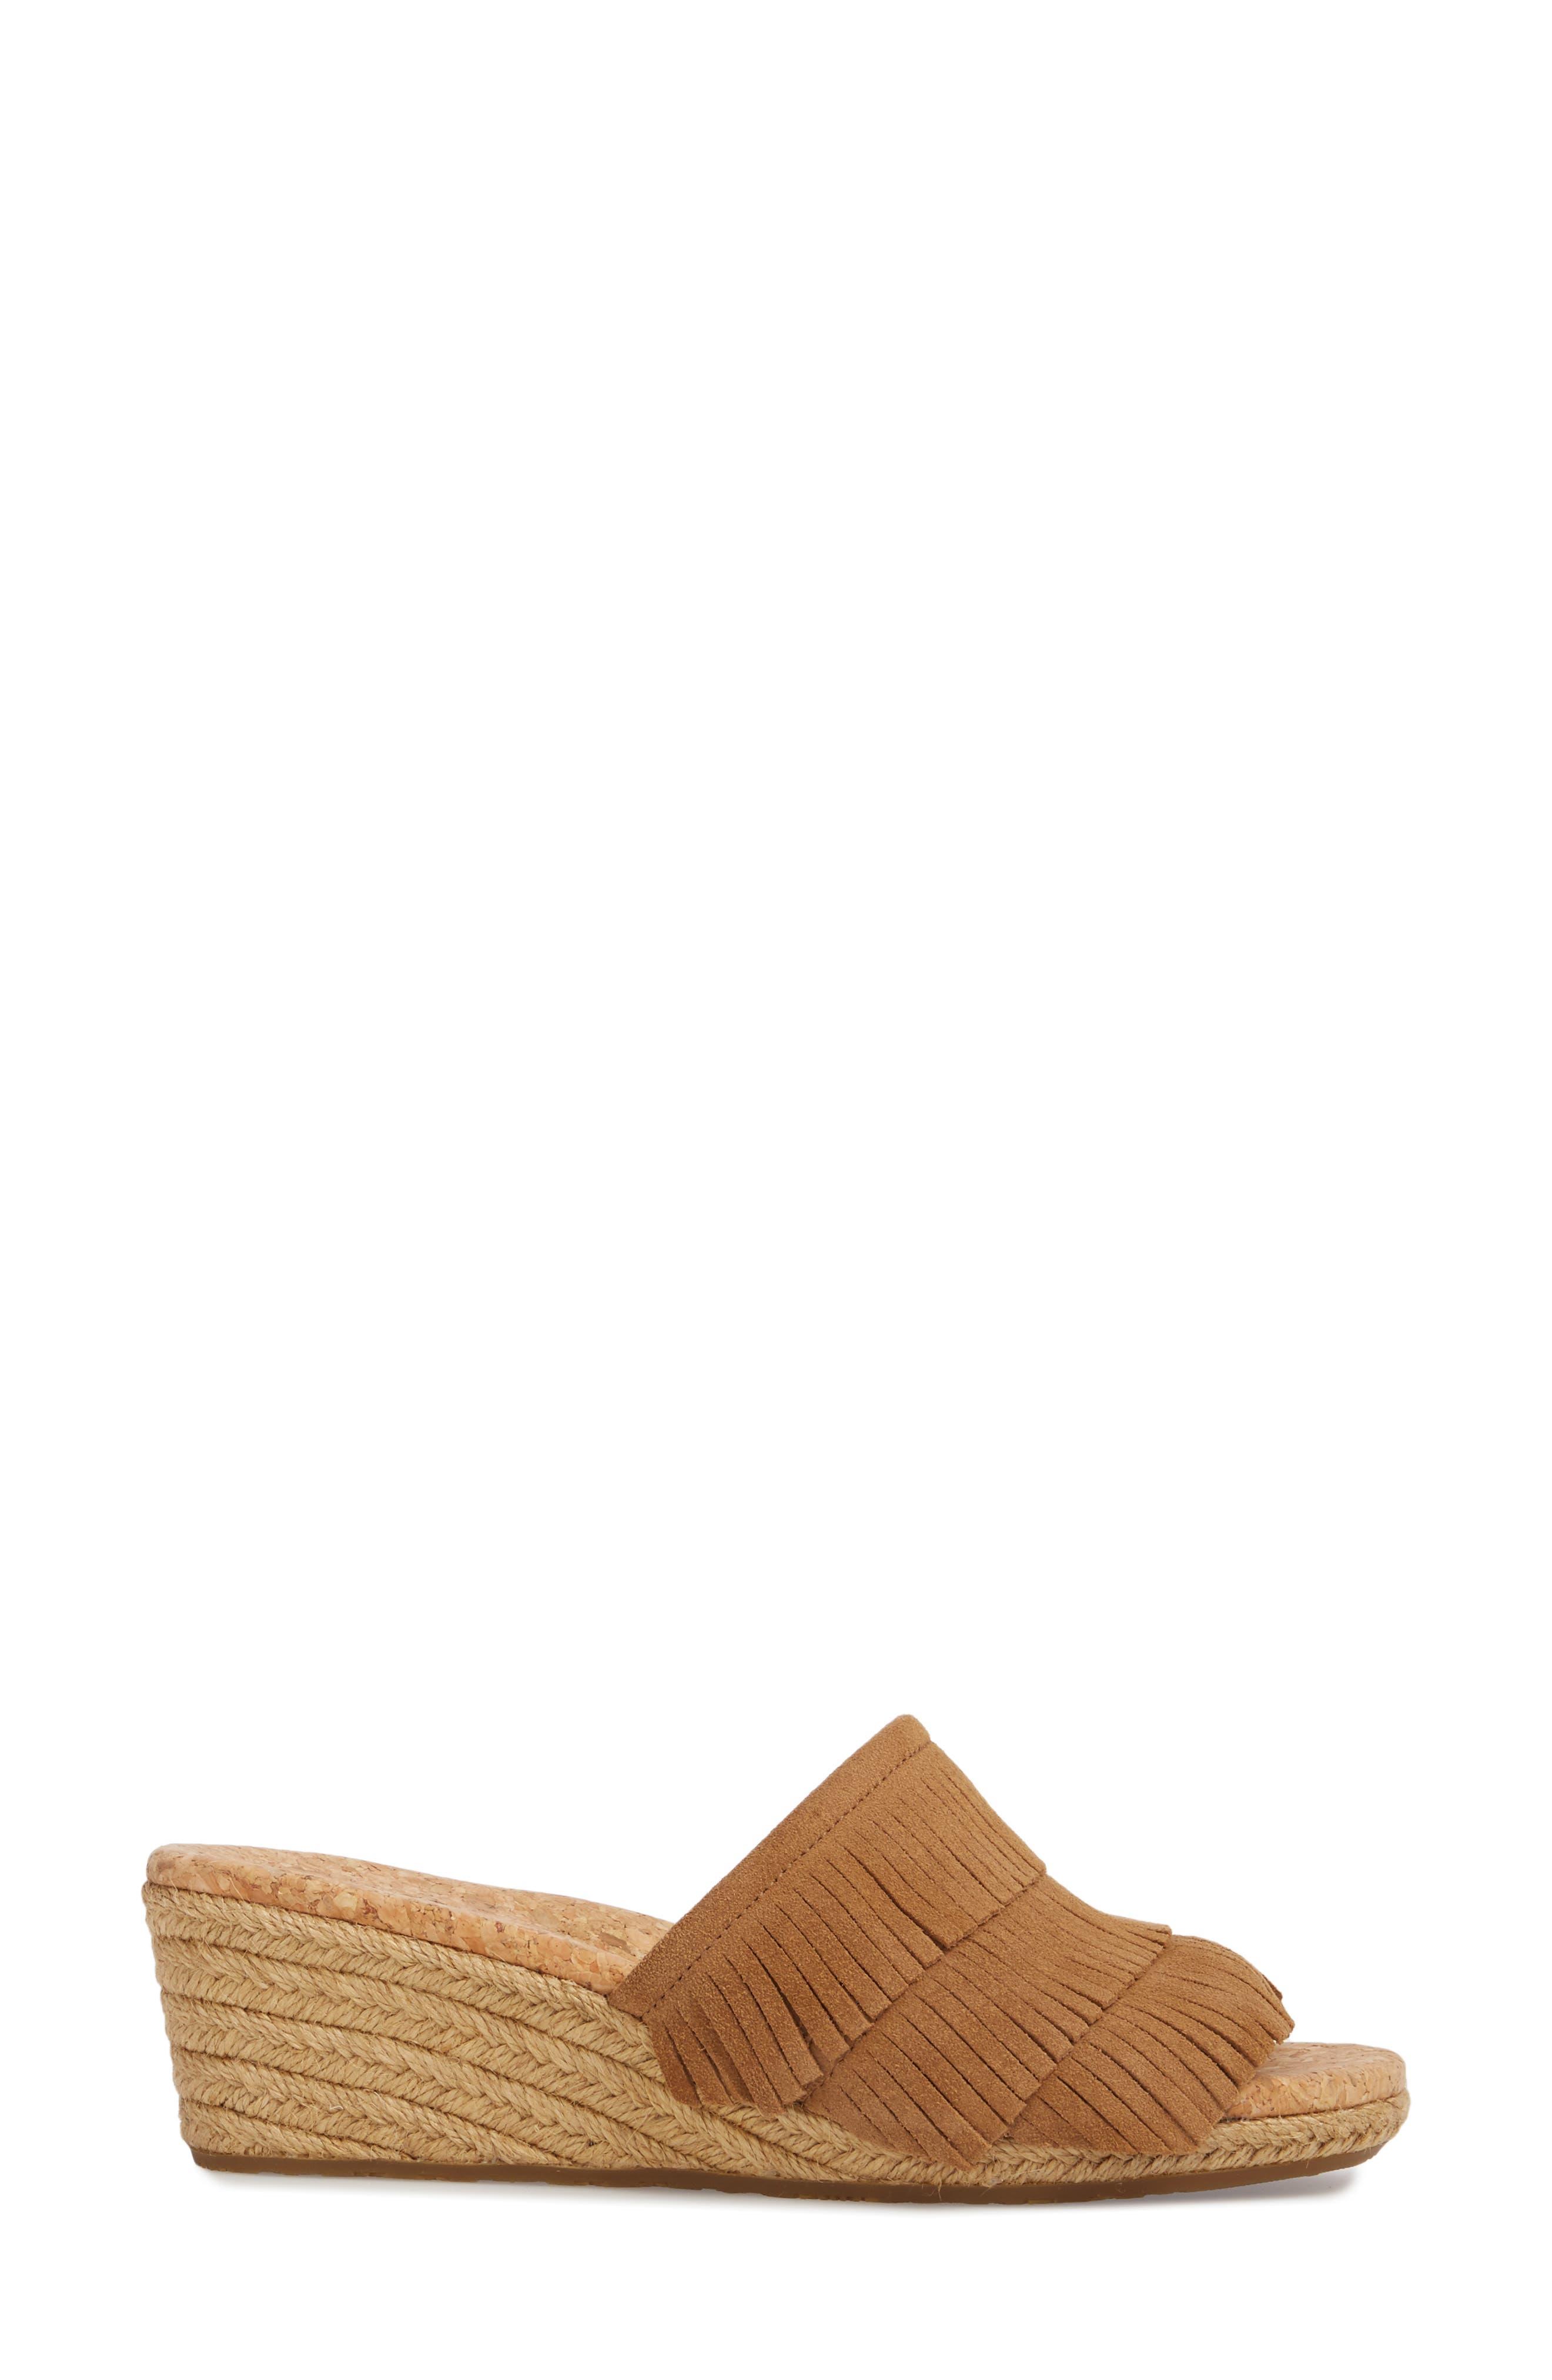 Kendra Fringe Wedge Sandal,                             Alternate thumbnail 3, color,                             Chestnut Suede